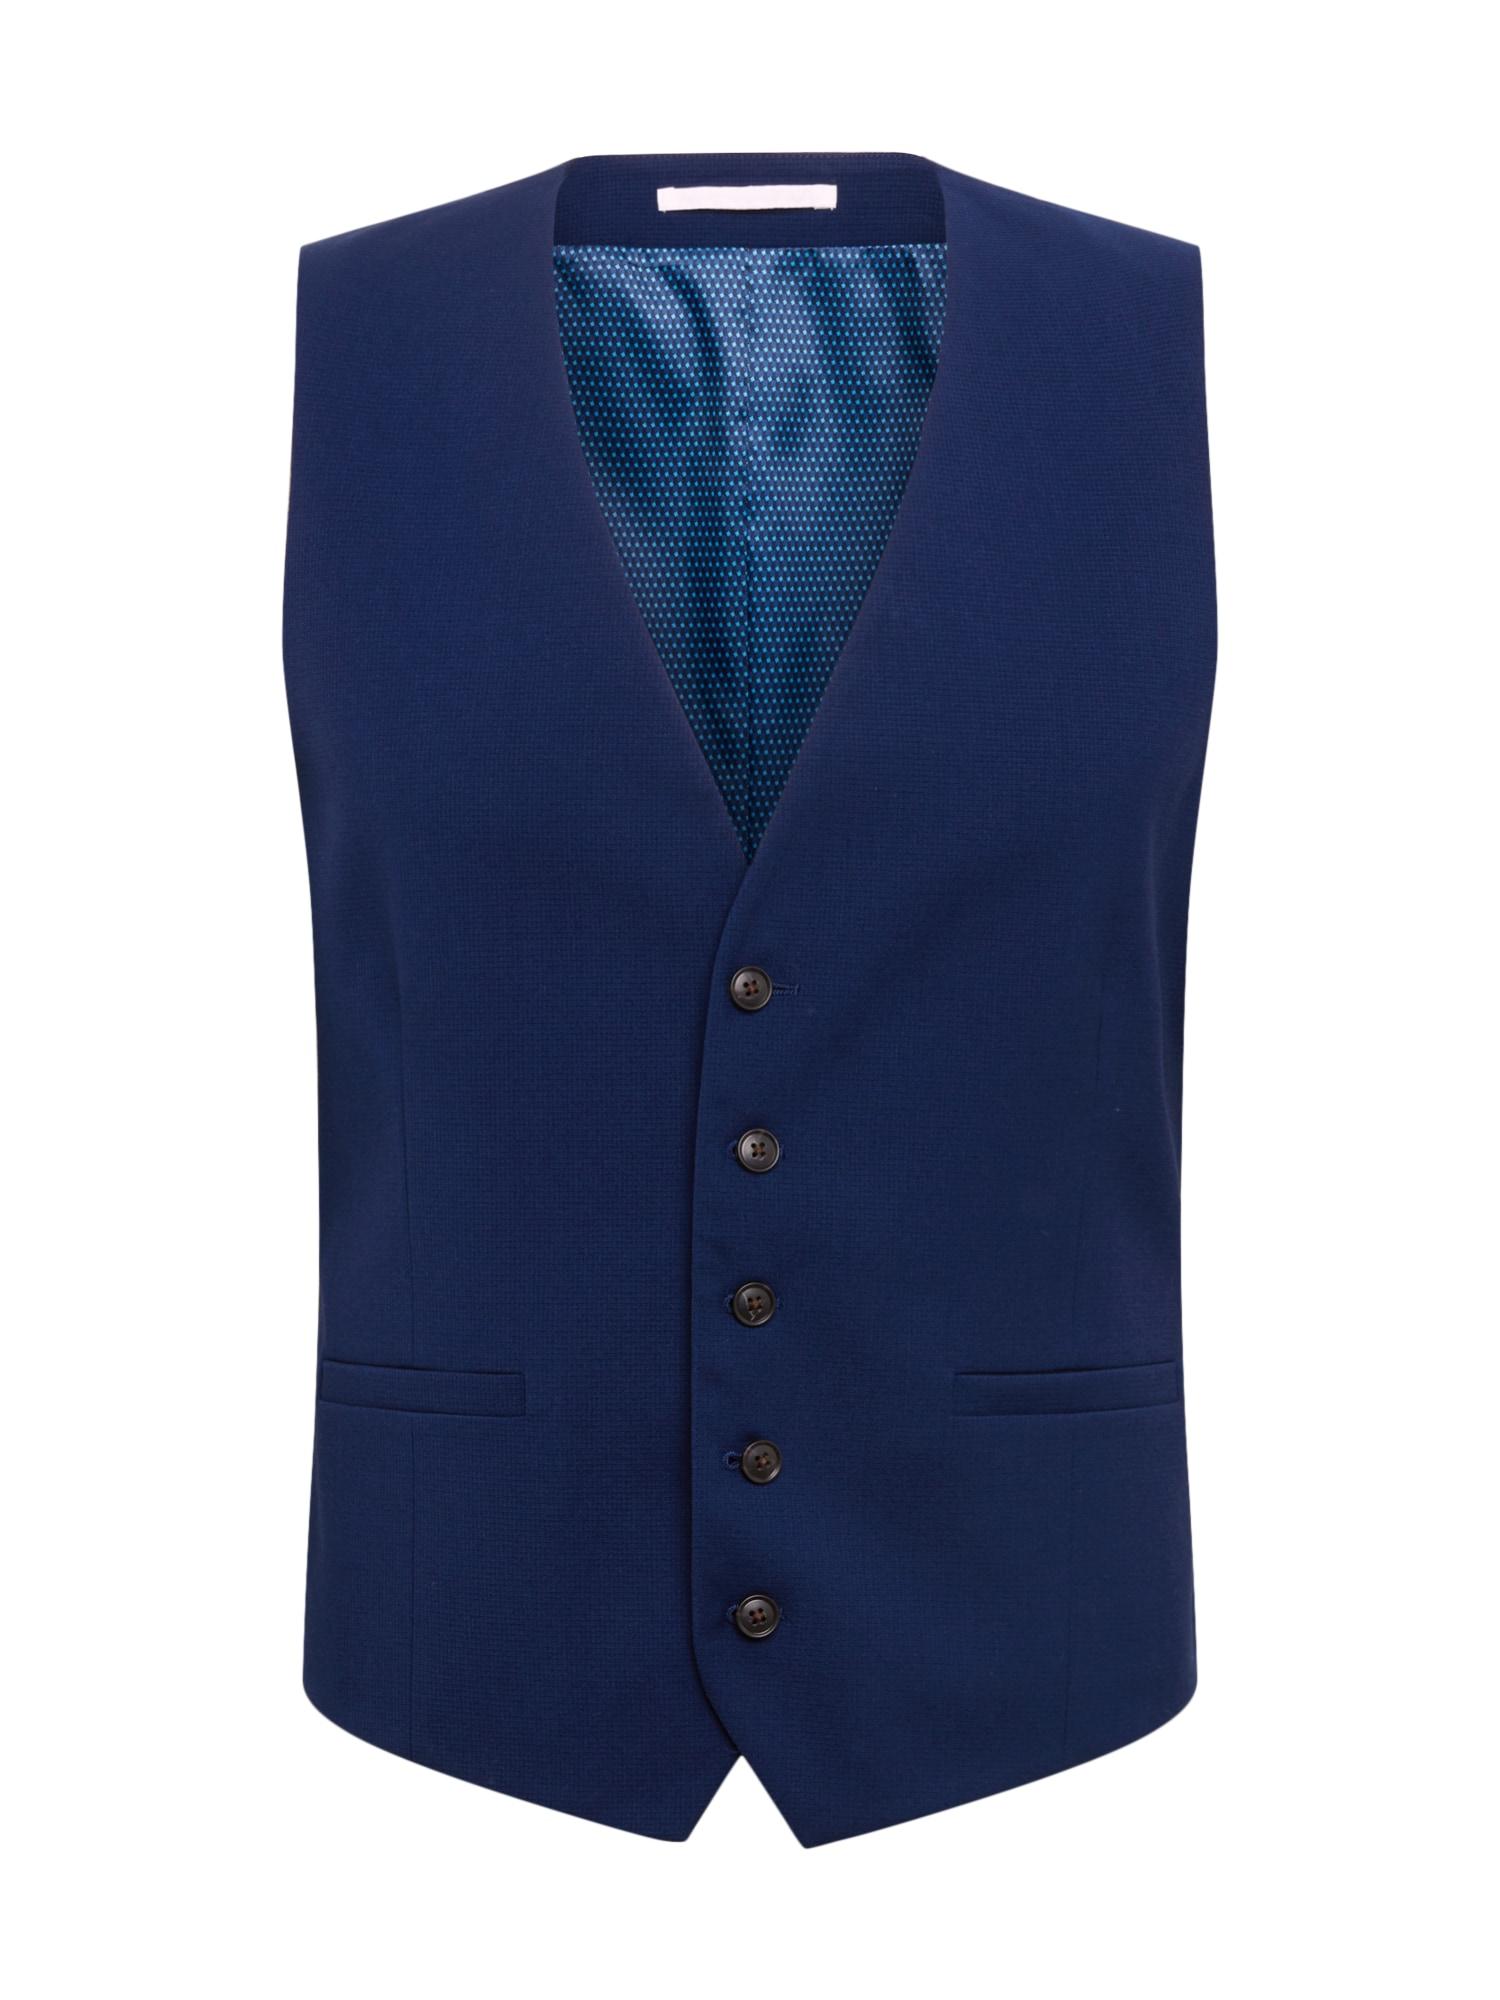 BURTON MENSWEAR LONDON Kostiuminė liemenė mėlyna